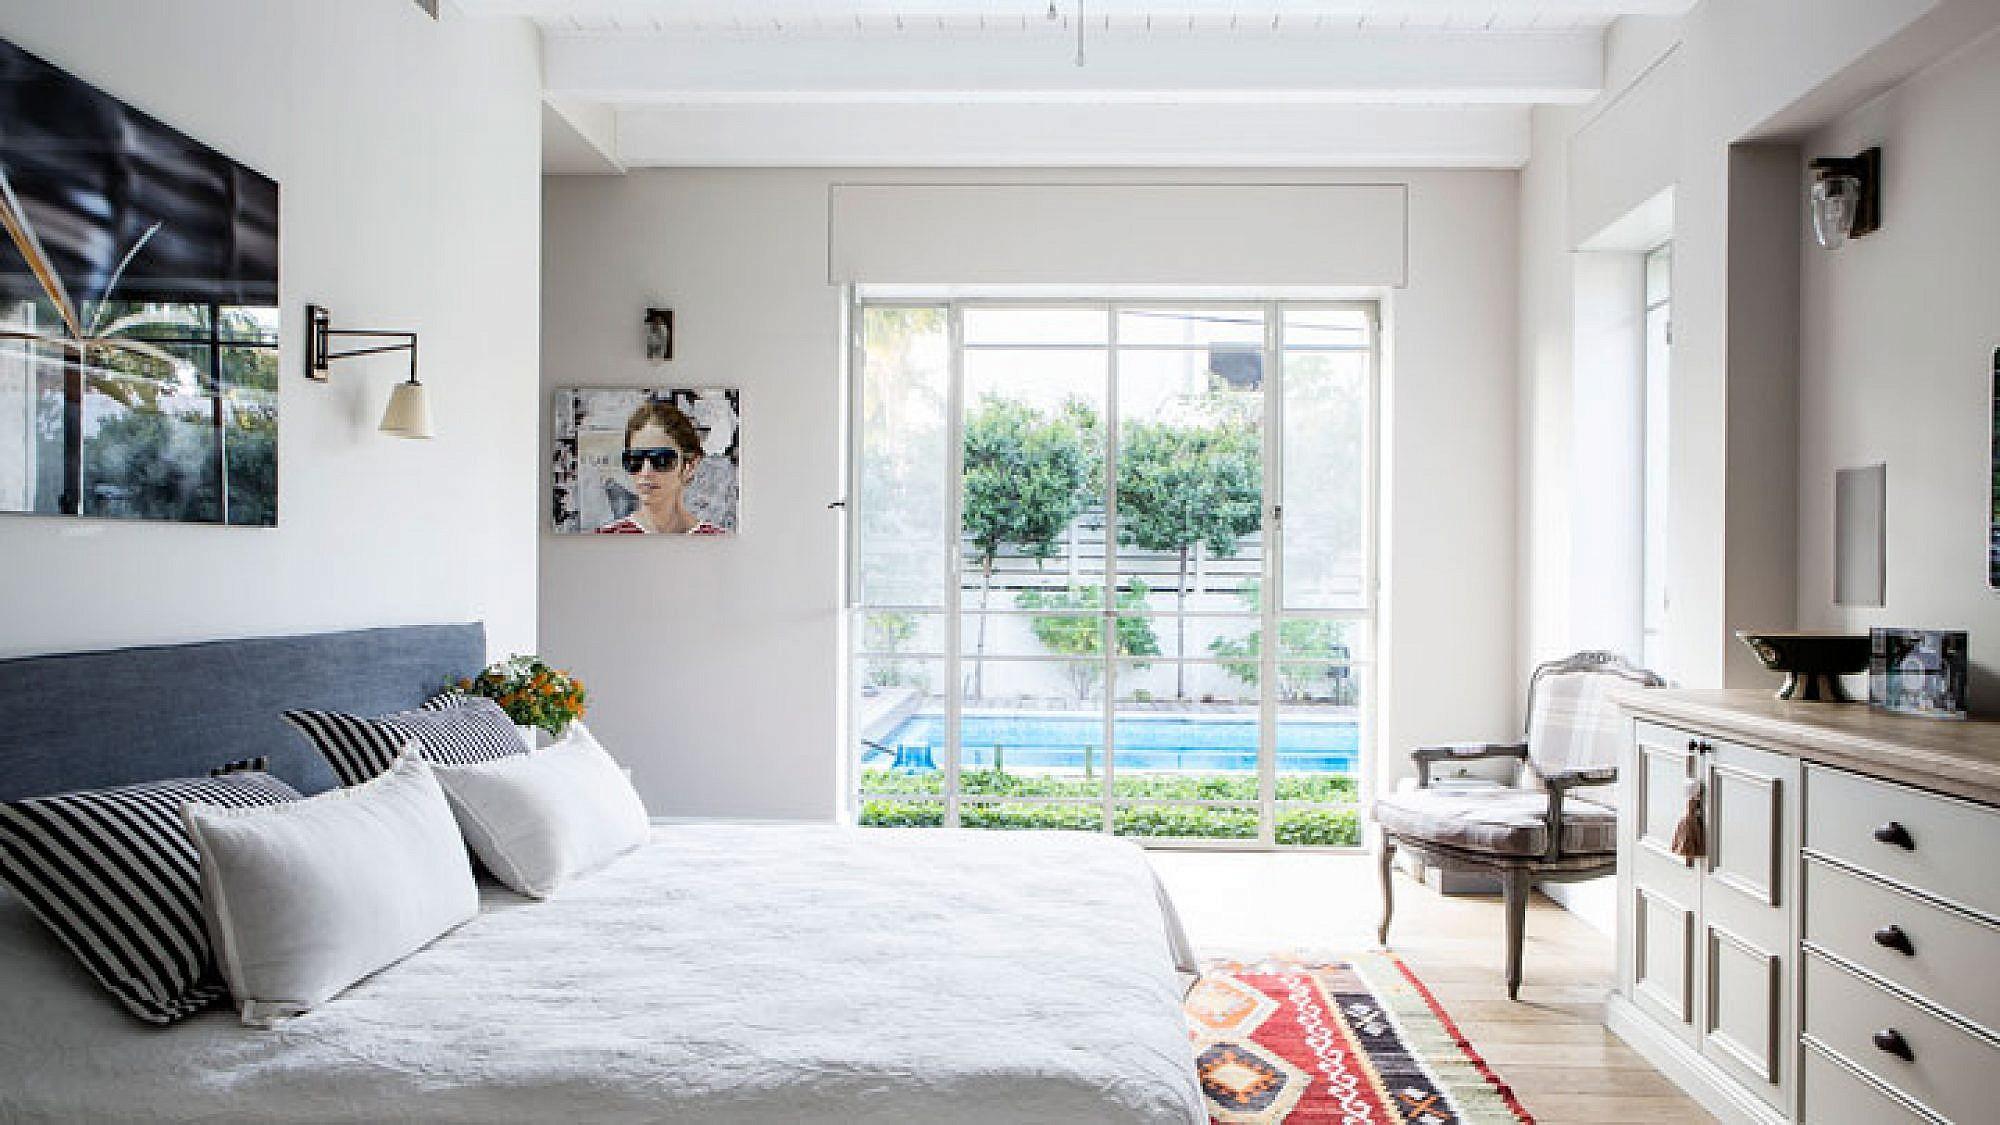 חדר שינה והורים. מבט אל הבריכה | צילום: איתי בנית